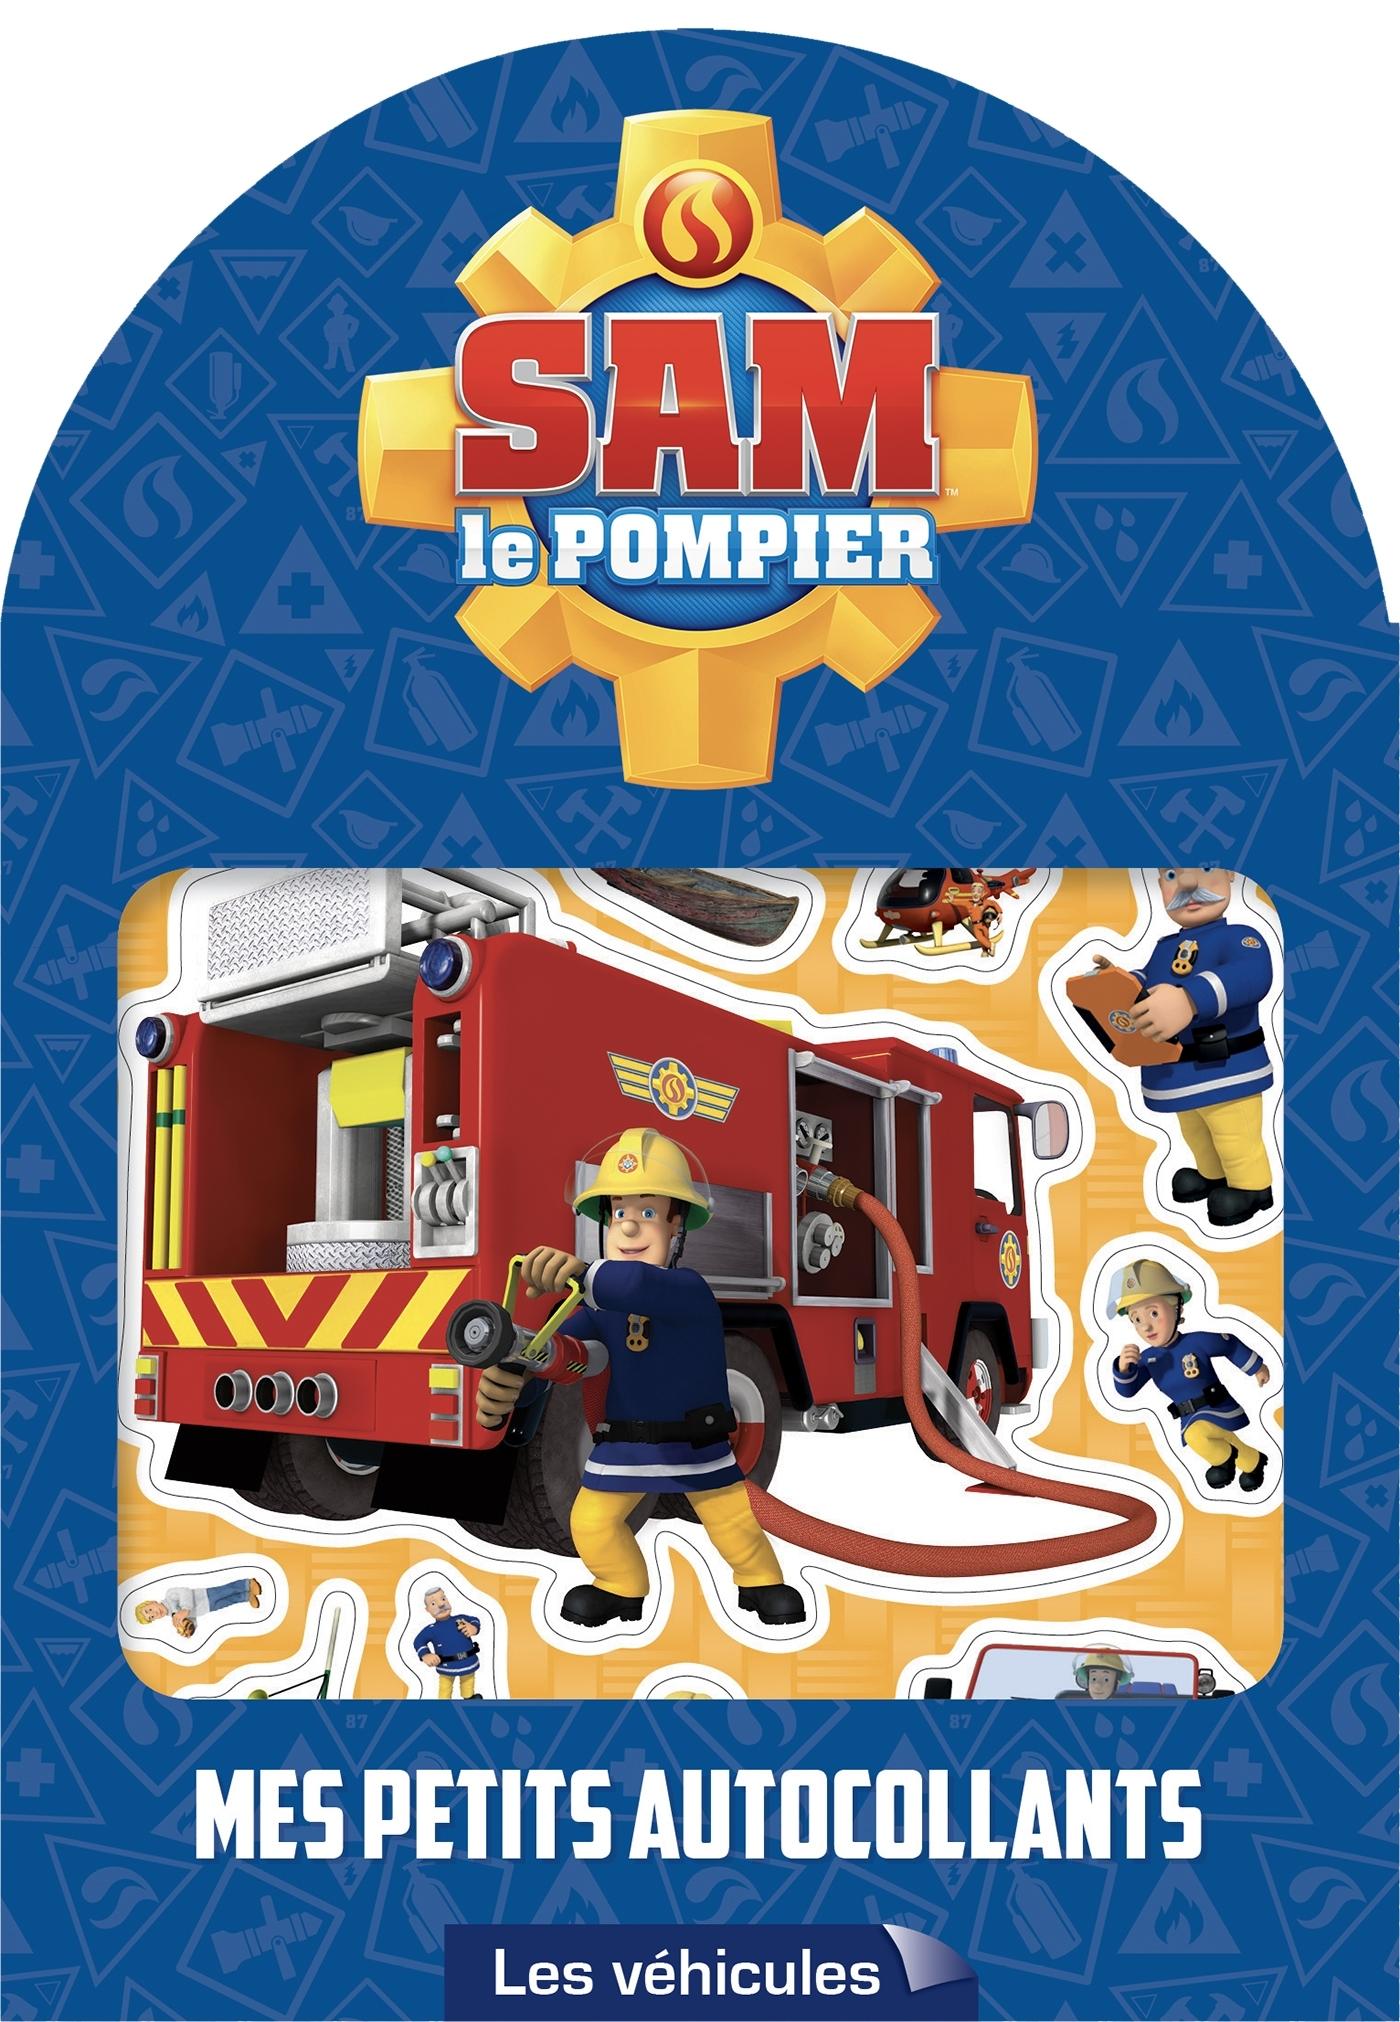 SAM LE POMPIER - MES PETITS AUTOCOLLANTS - VEHICULES